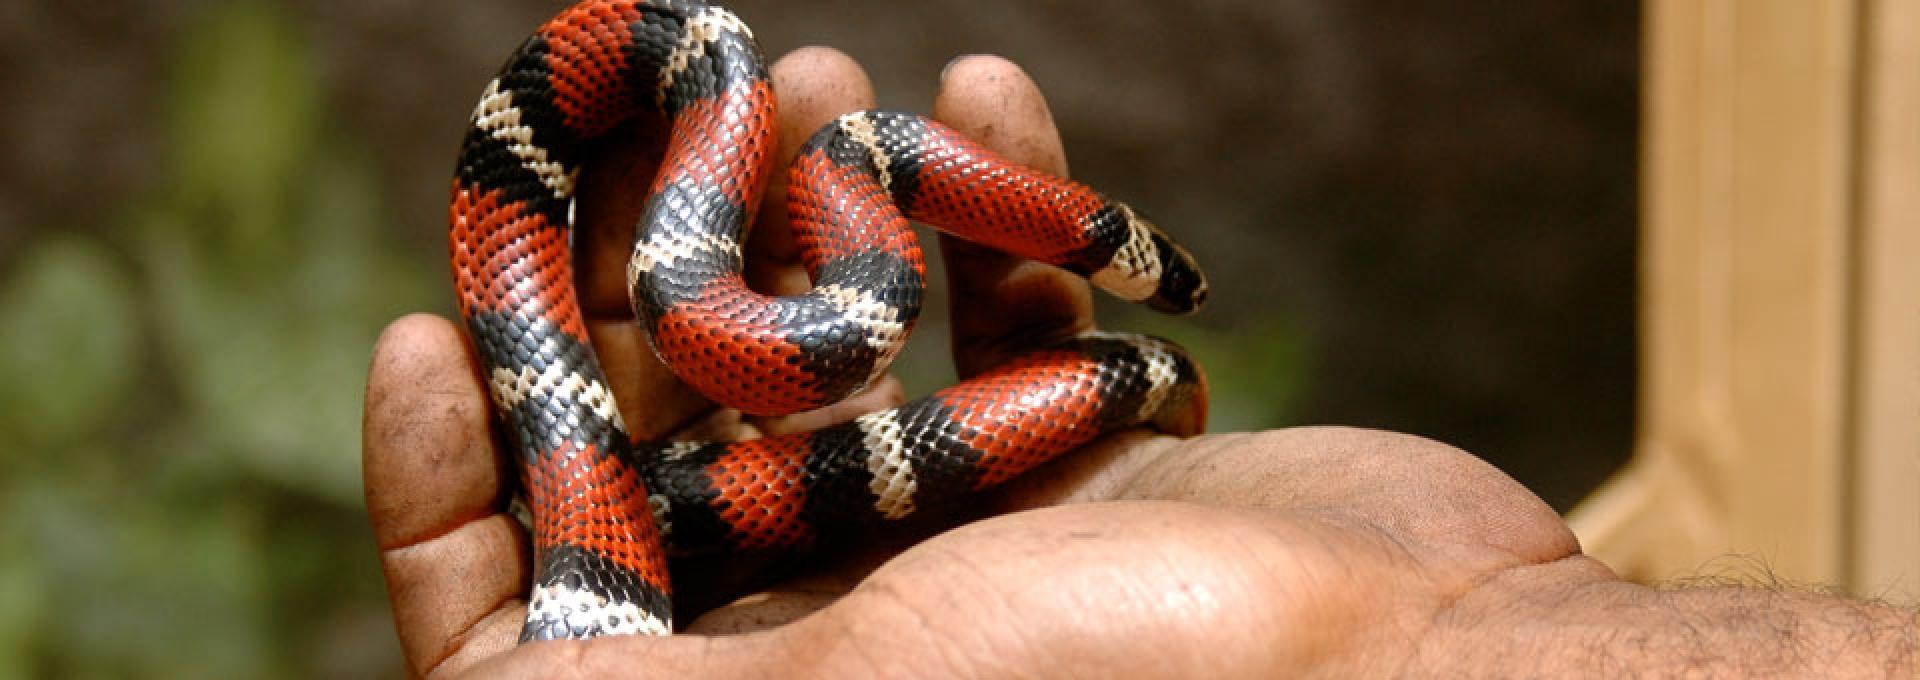 Voluntario en Proyecto de Crianza de Serpientes